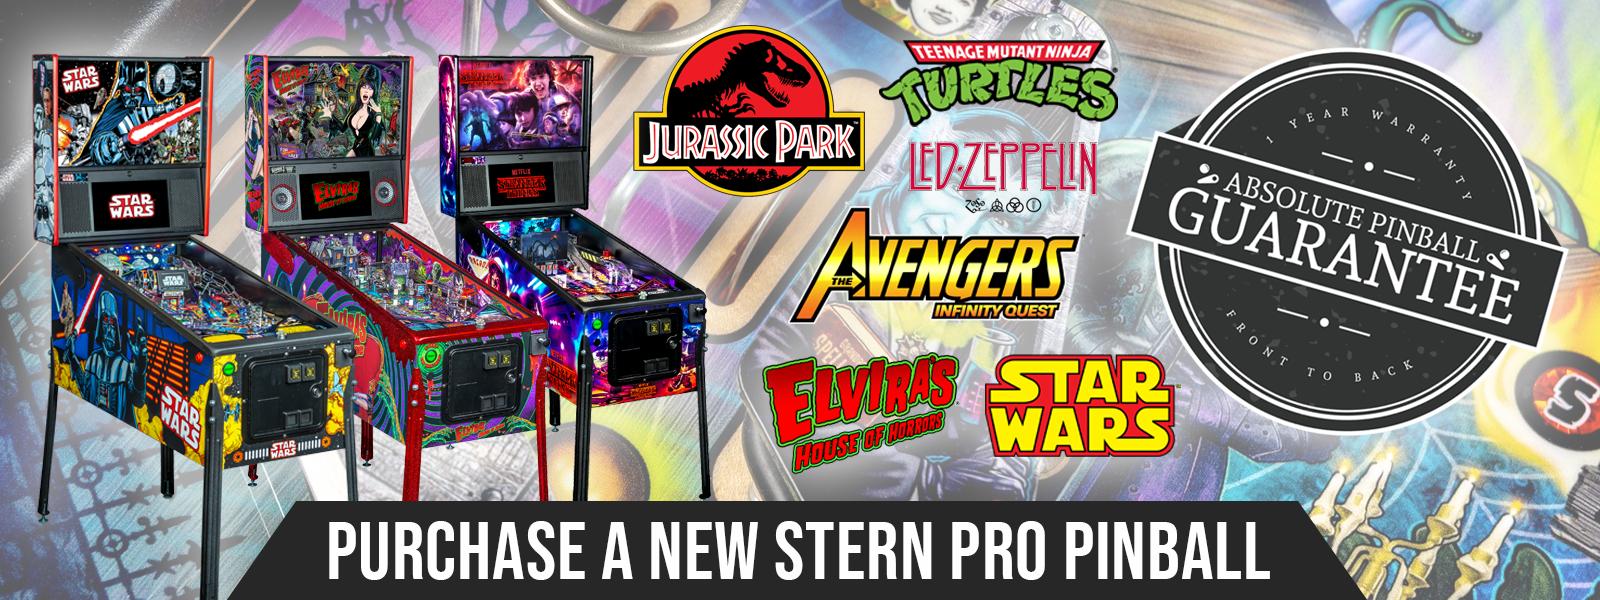 Stern Pro Pinball Purchase Absolute Pinball